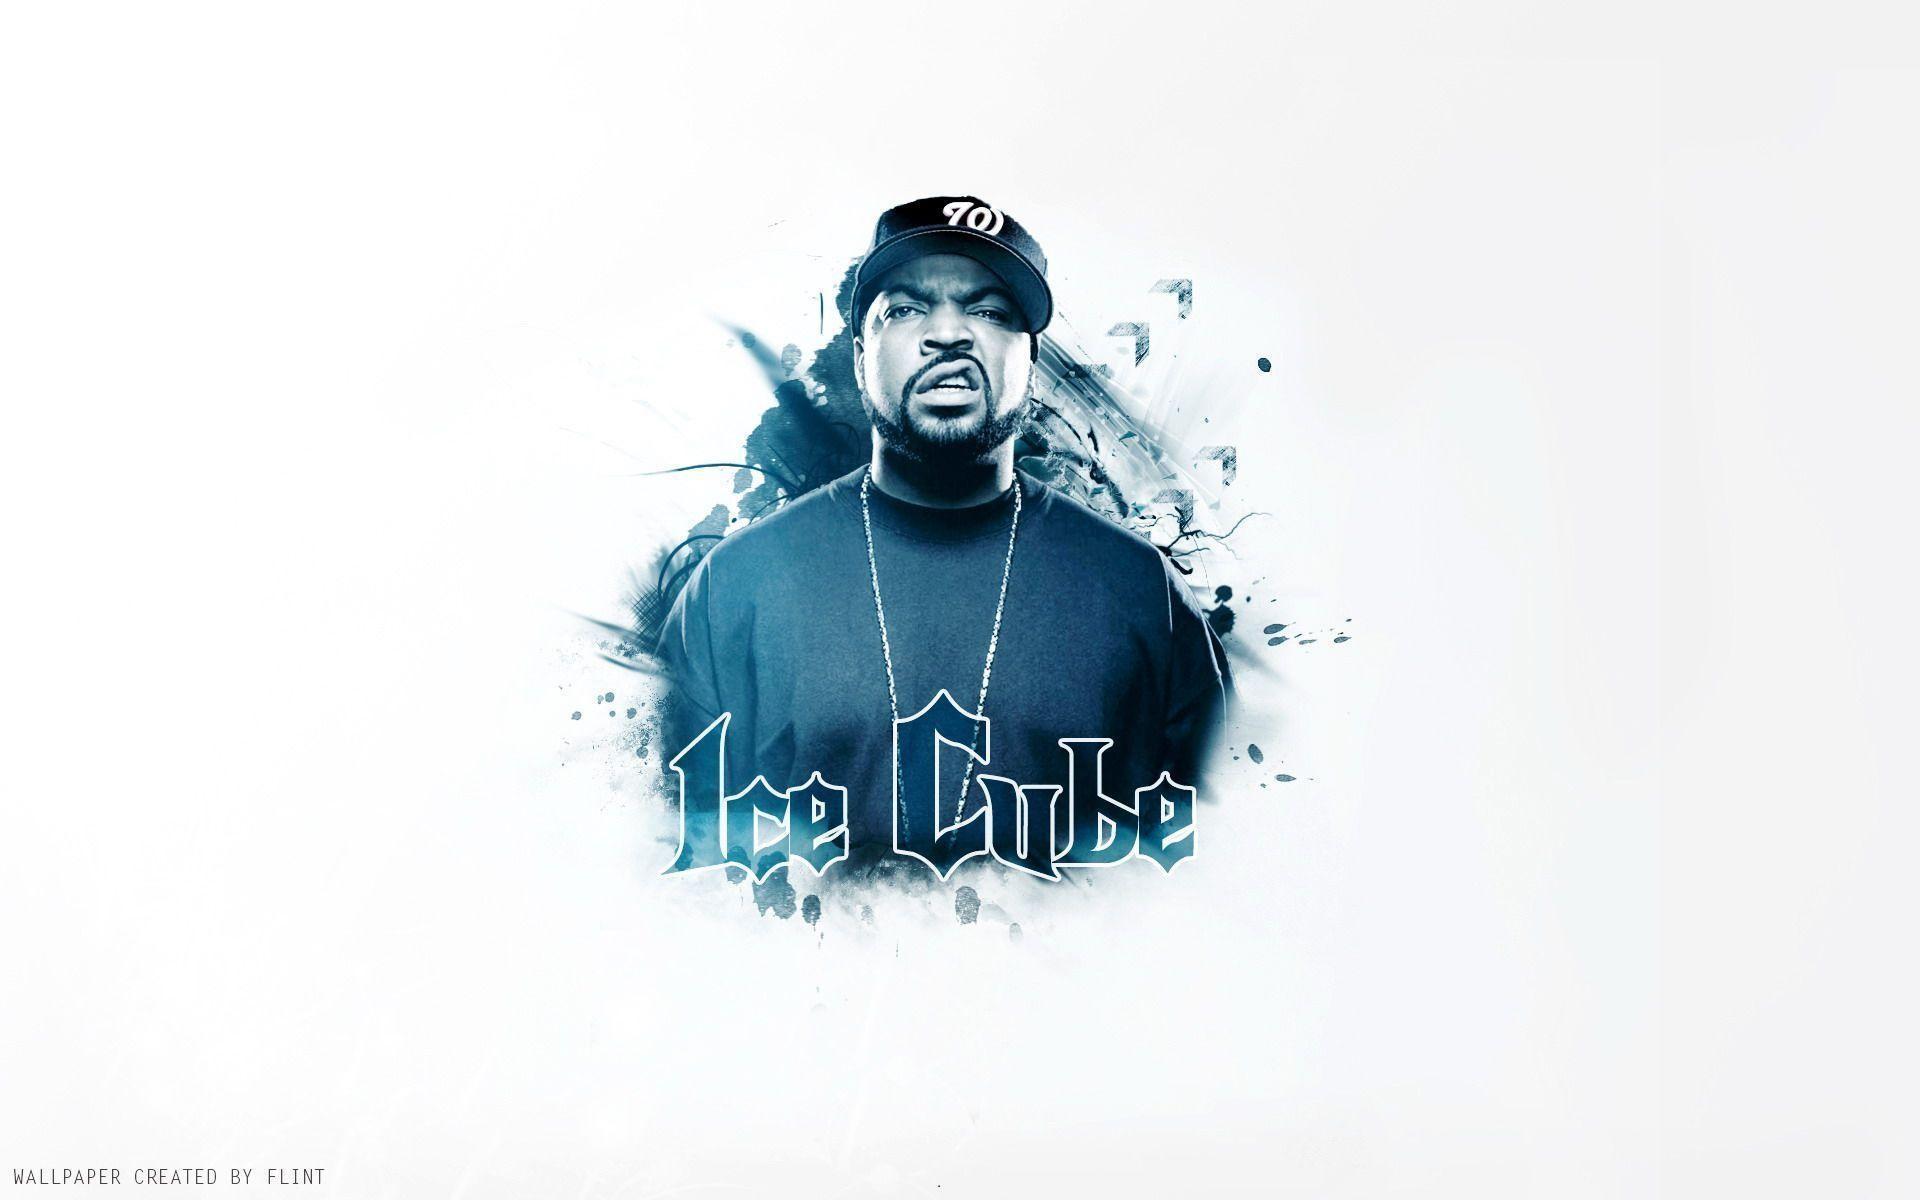 Fondos de pantalla de Ice Cube | Wallpapers de Ice Cube | Fondos .